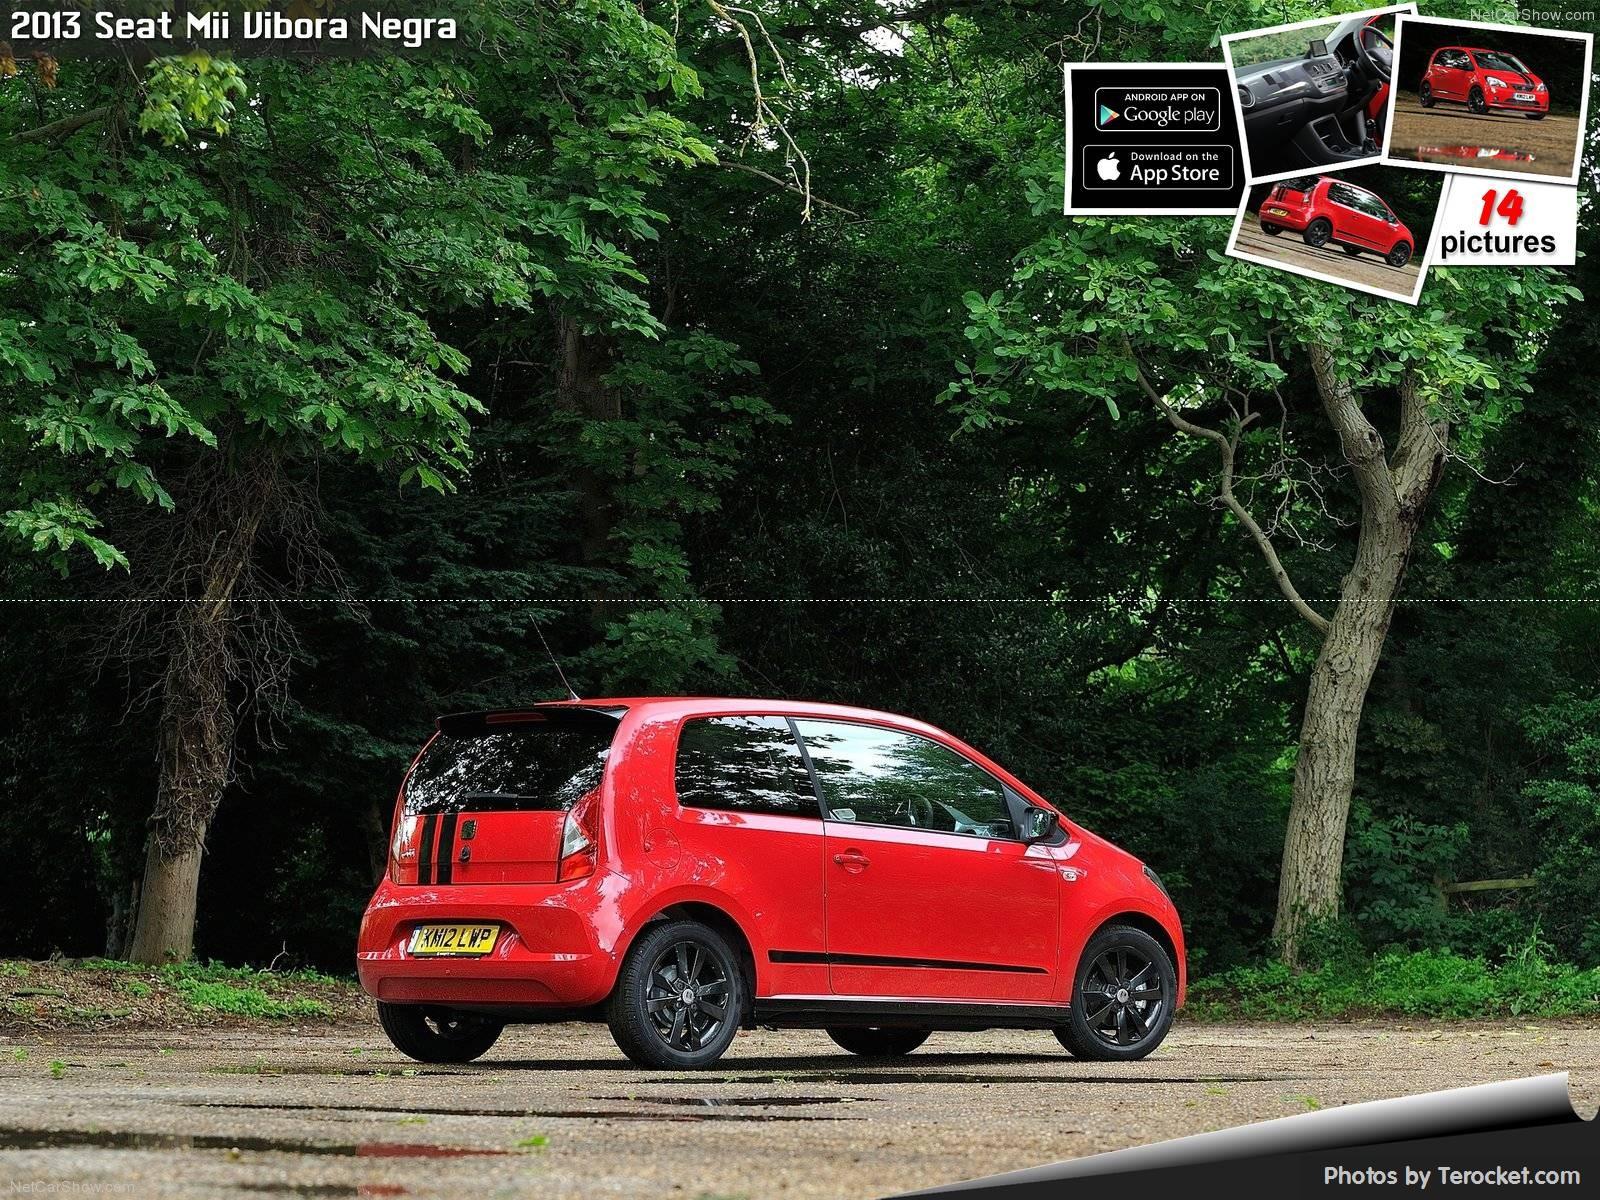 Hình ảnh xe ô tô Seat Mii Vibora Negra 2013 & nội ngoại thất